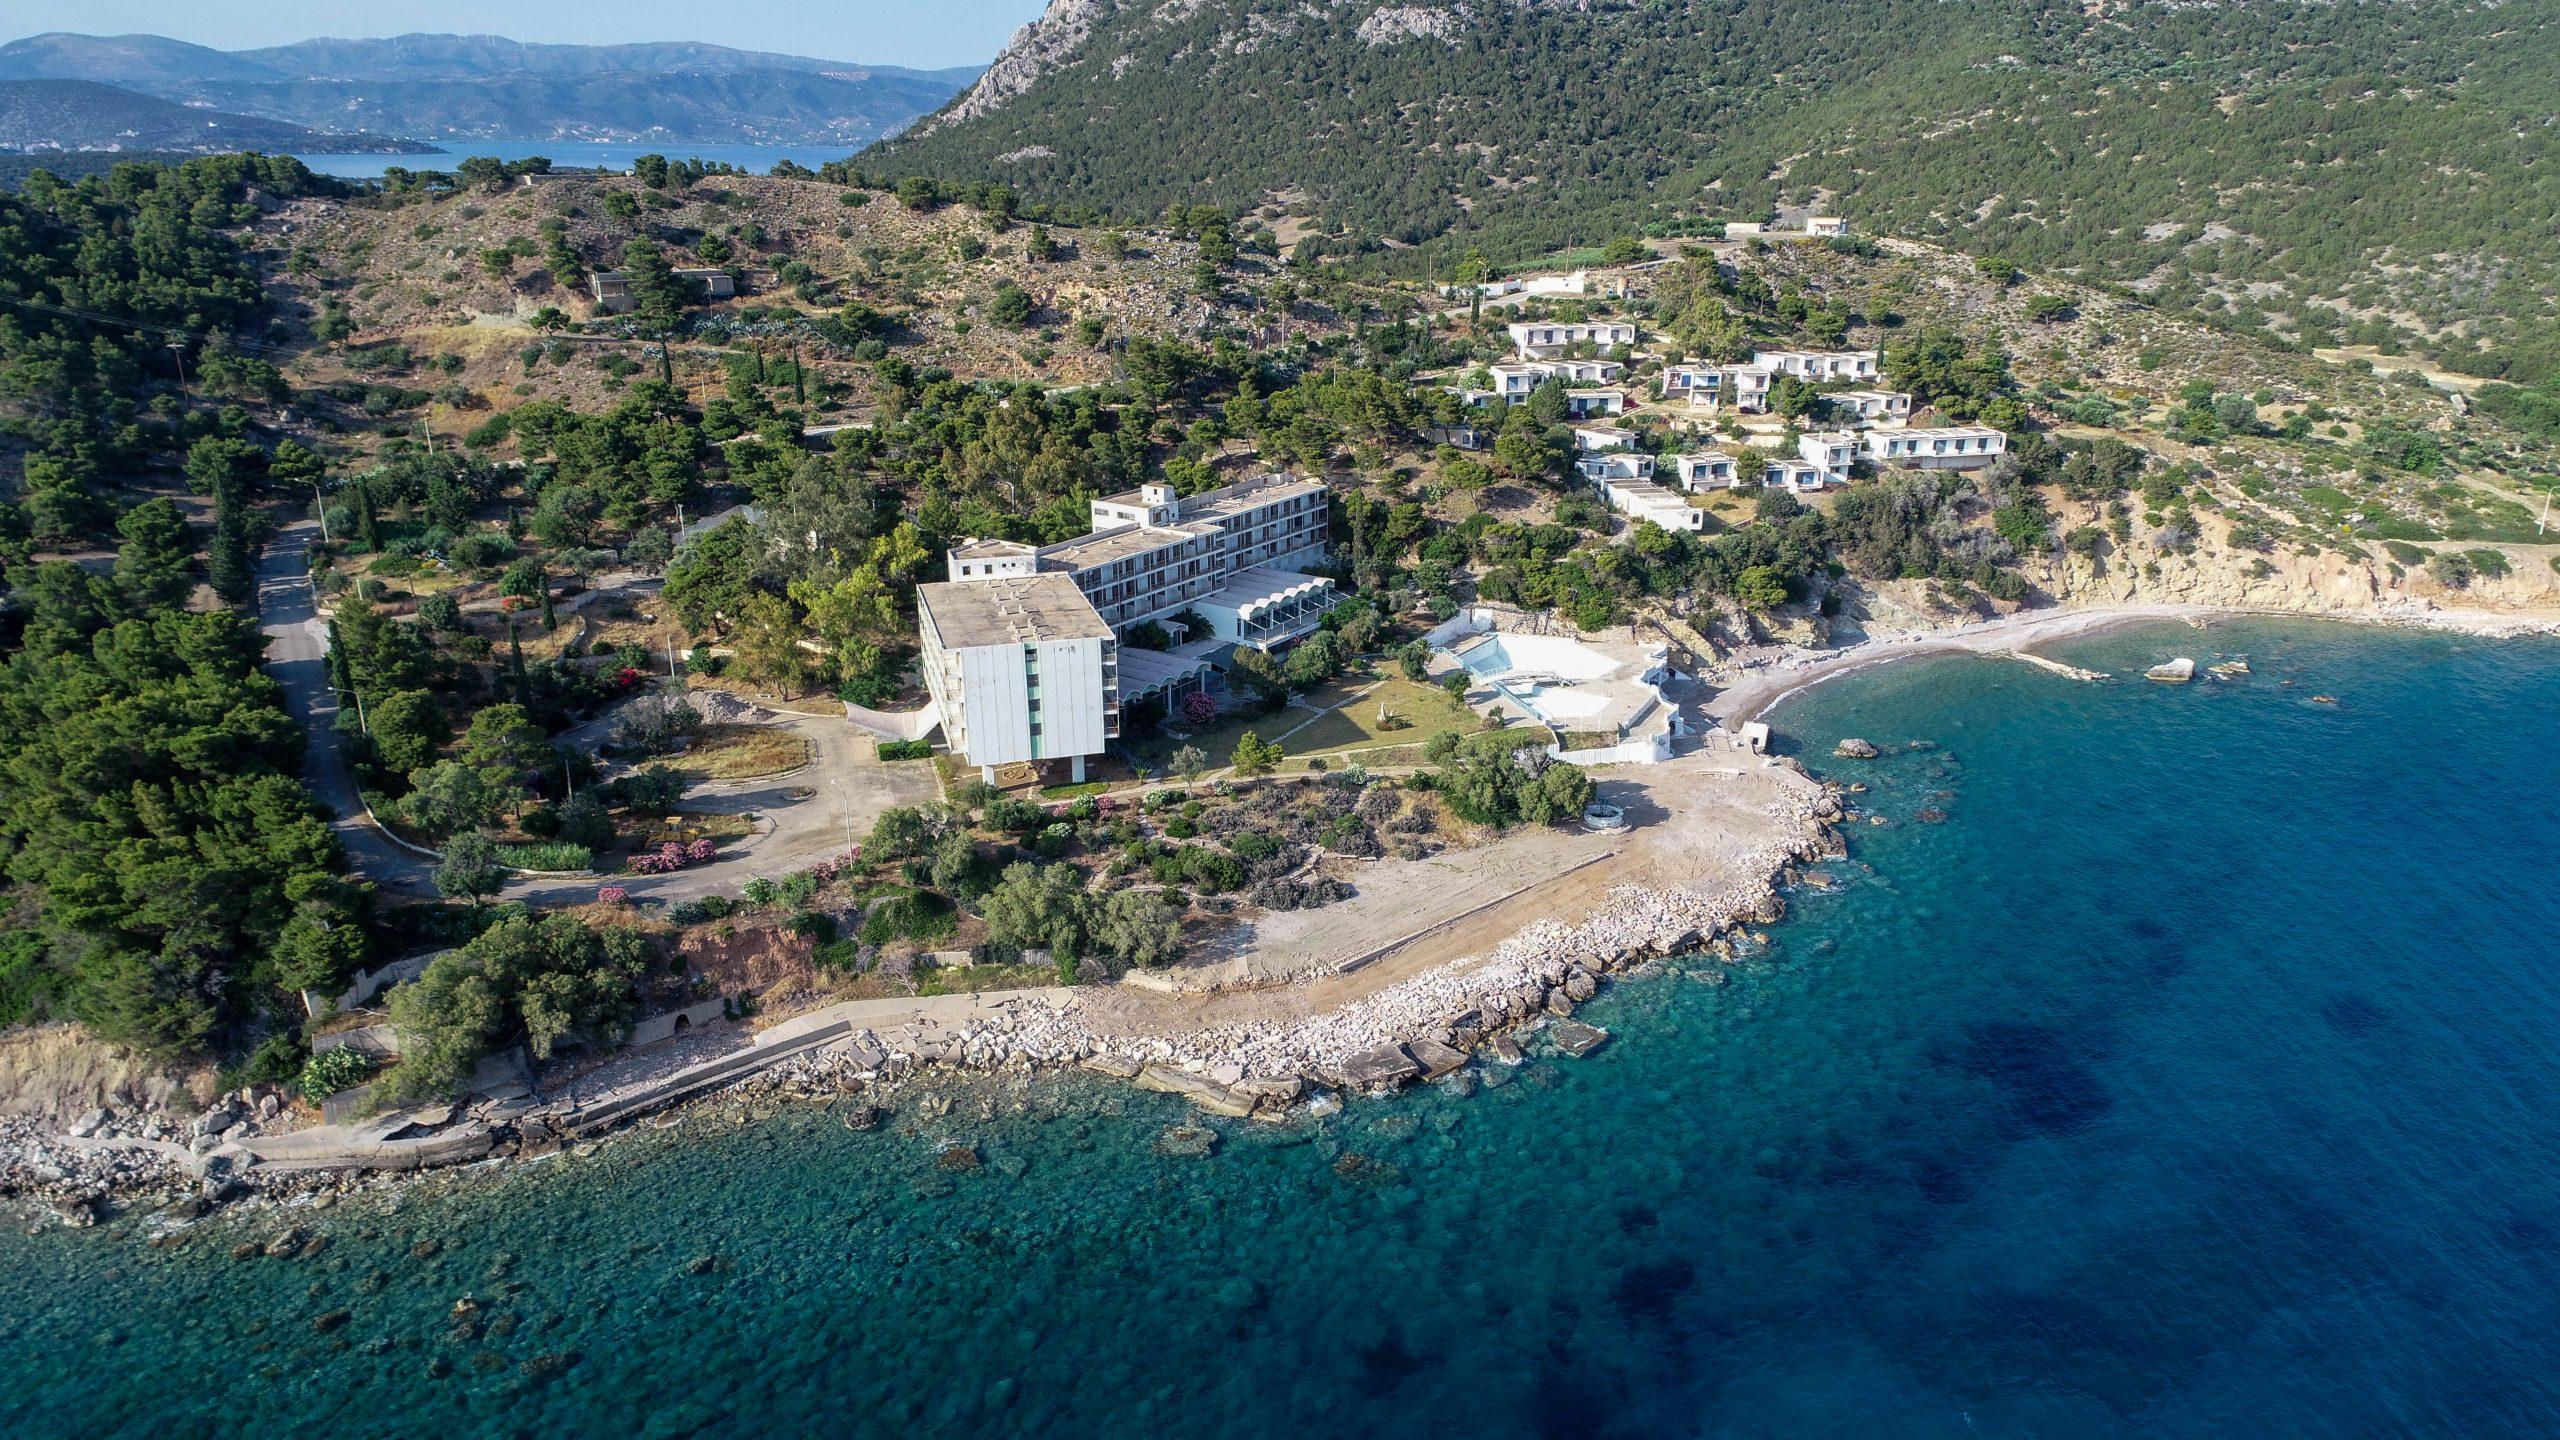 Ξενοδοχειακή μονάδα Costa Perla